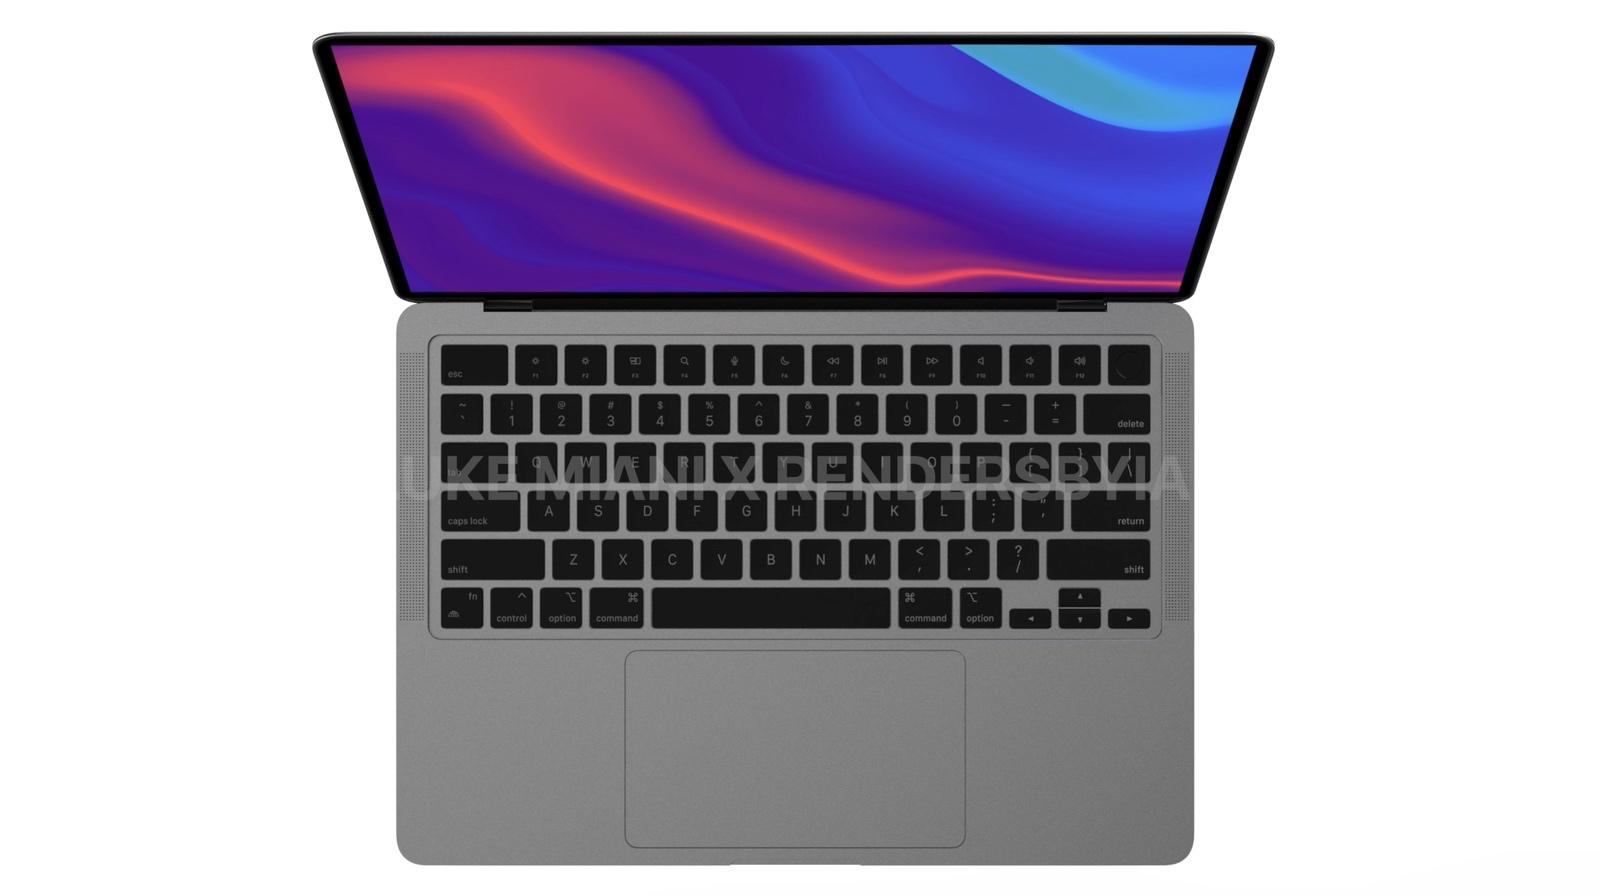 MacBookPro 2021 Rendering Images 05